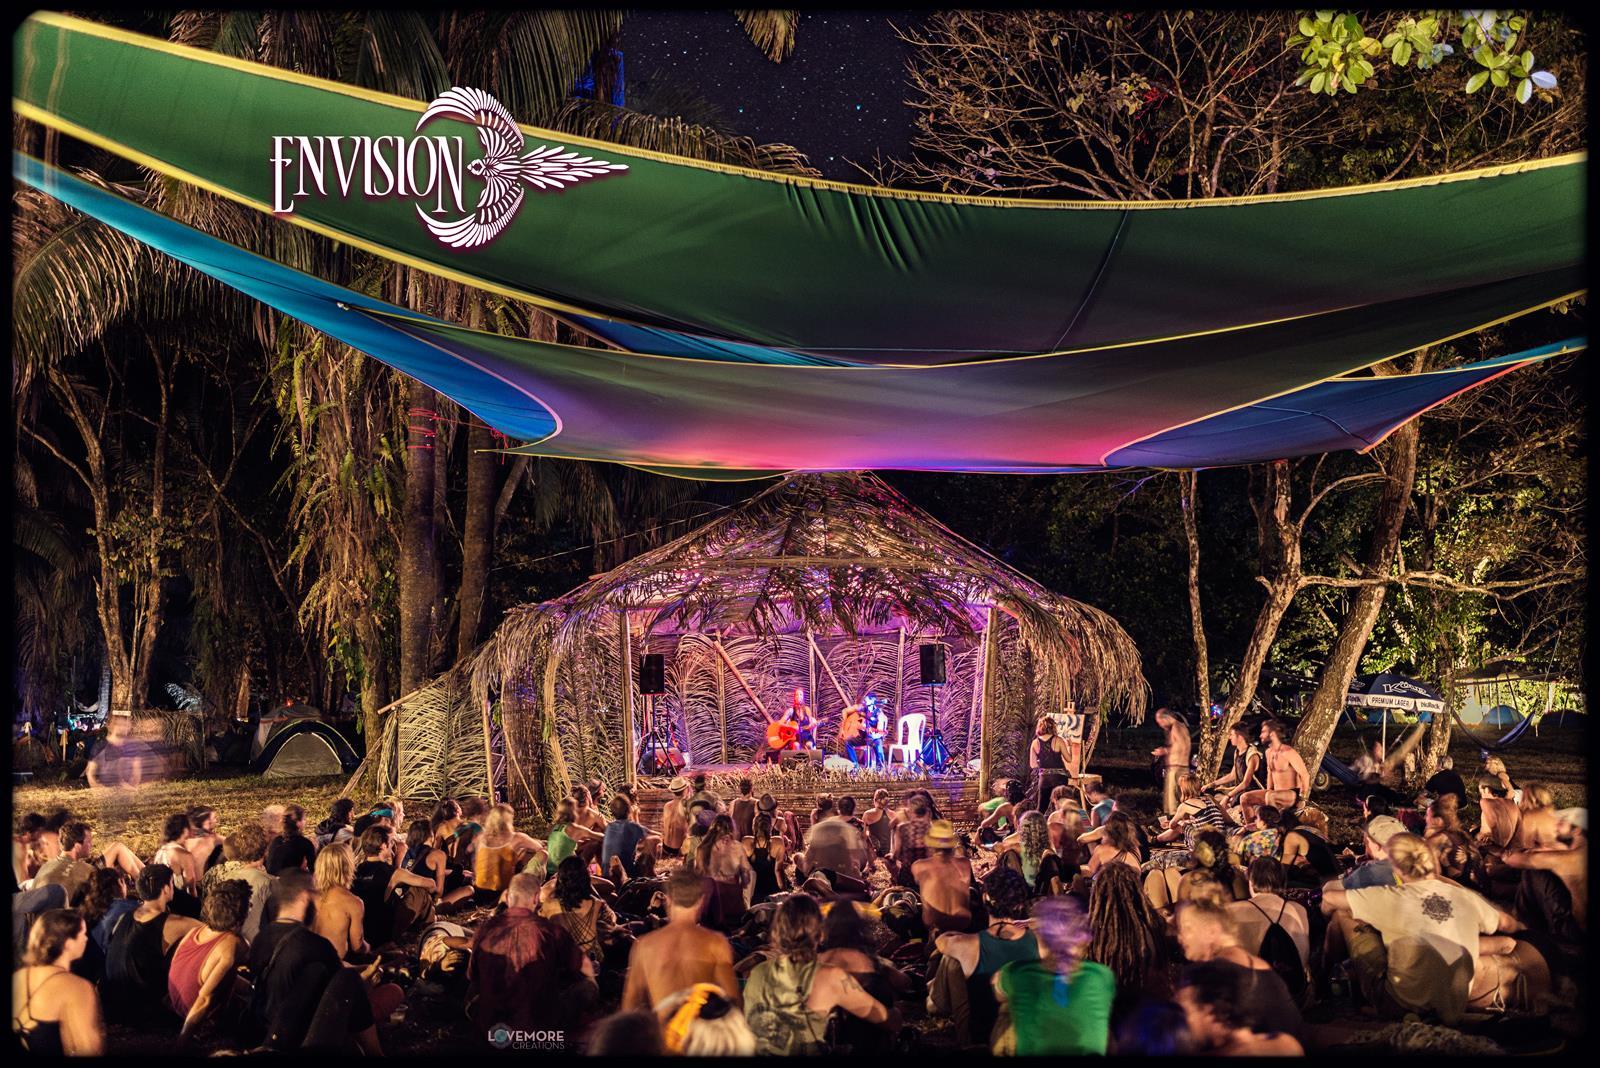 Envision Festival Costa Rica